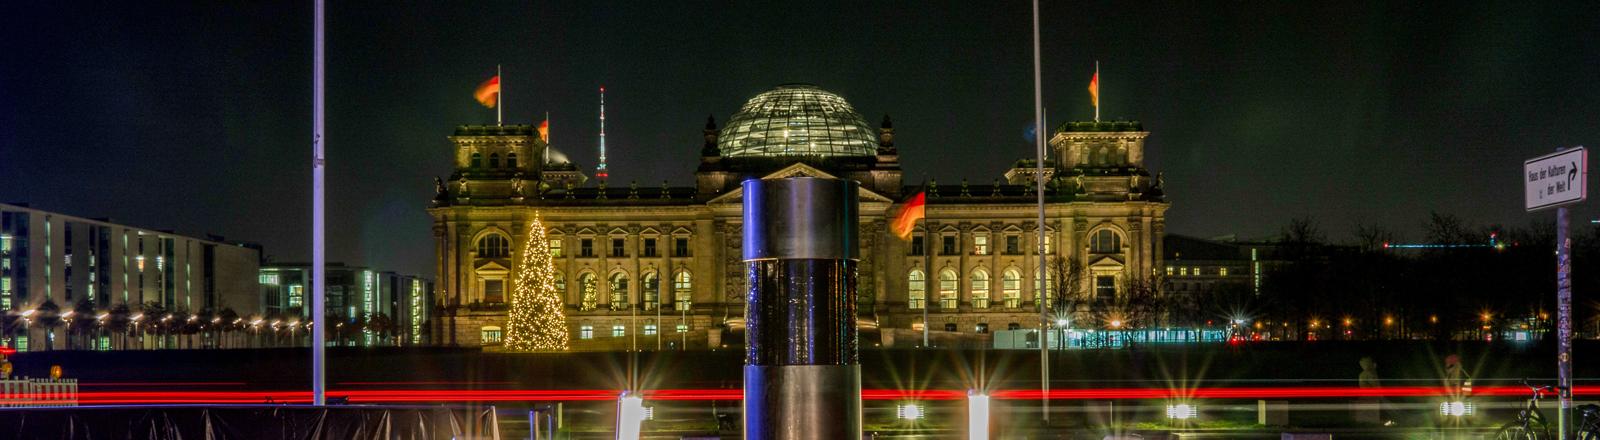 """Das gläserne Kernstück der Säule, die vom Künstlerkollektiv """"Zentrum für politische Schönheit"""" (ZPS) im Regierungsviertel aufgestellt wurde, ist mit schwarzem Klebeband blickdicht abgeklebt."""